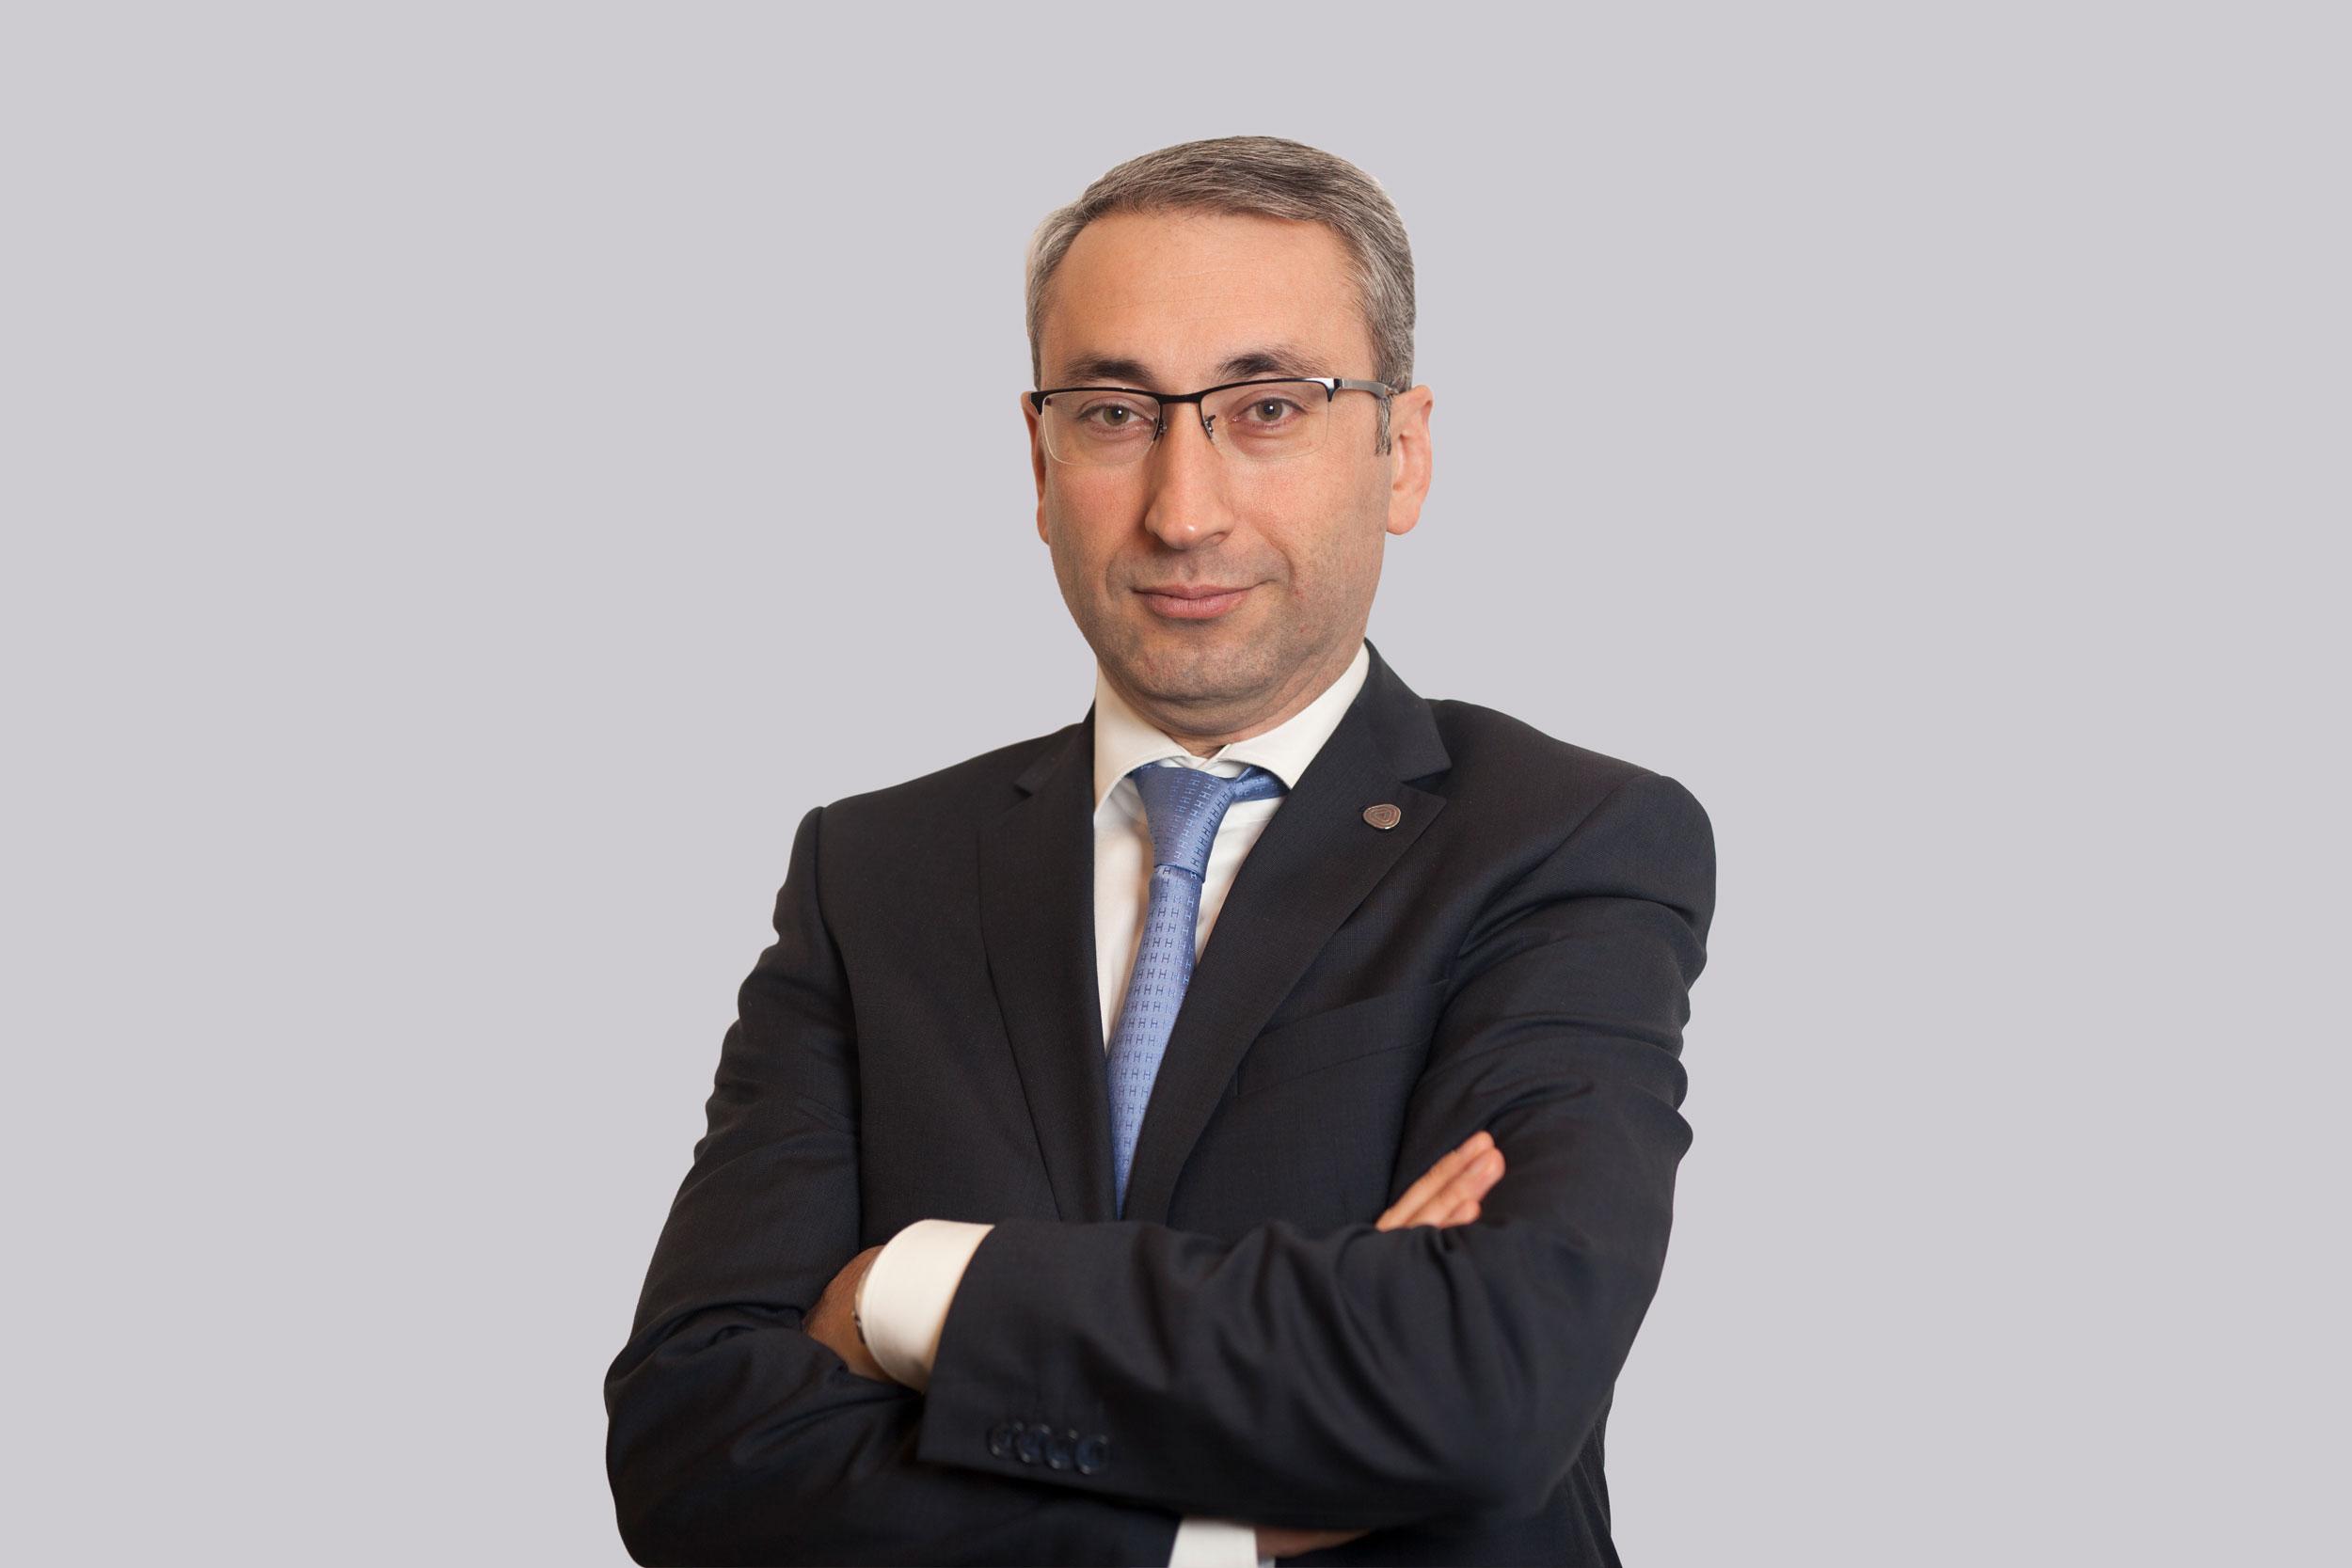 Հայաստանի բանկերի միություն. ամփոփվել են բանկային համակարգի 2019թ. ցուցանիշները